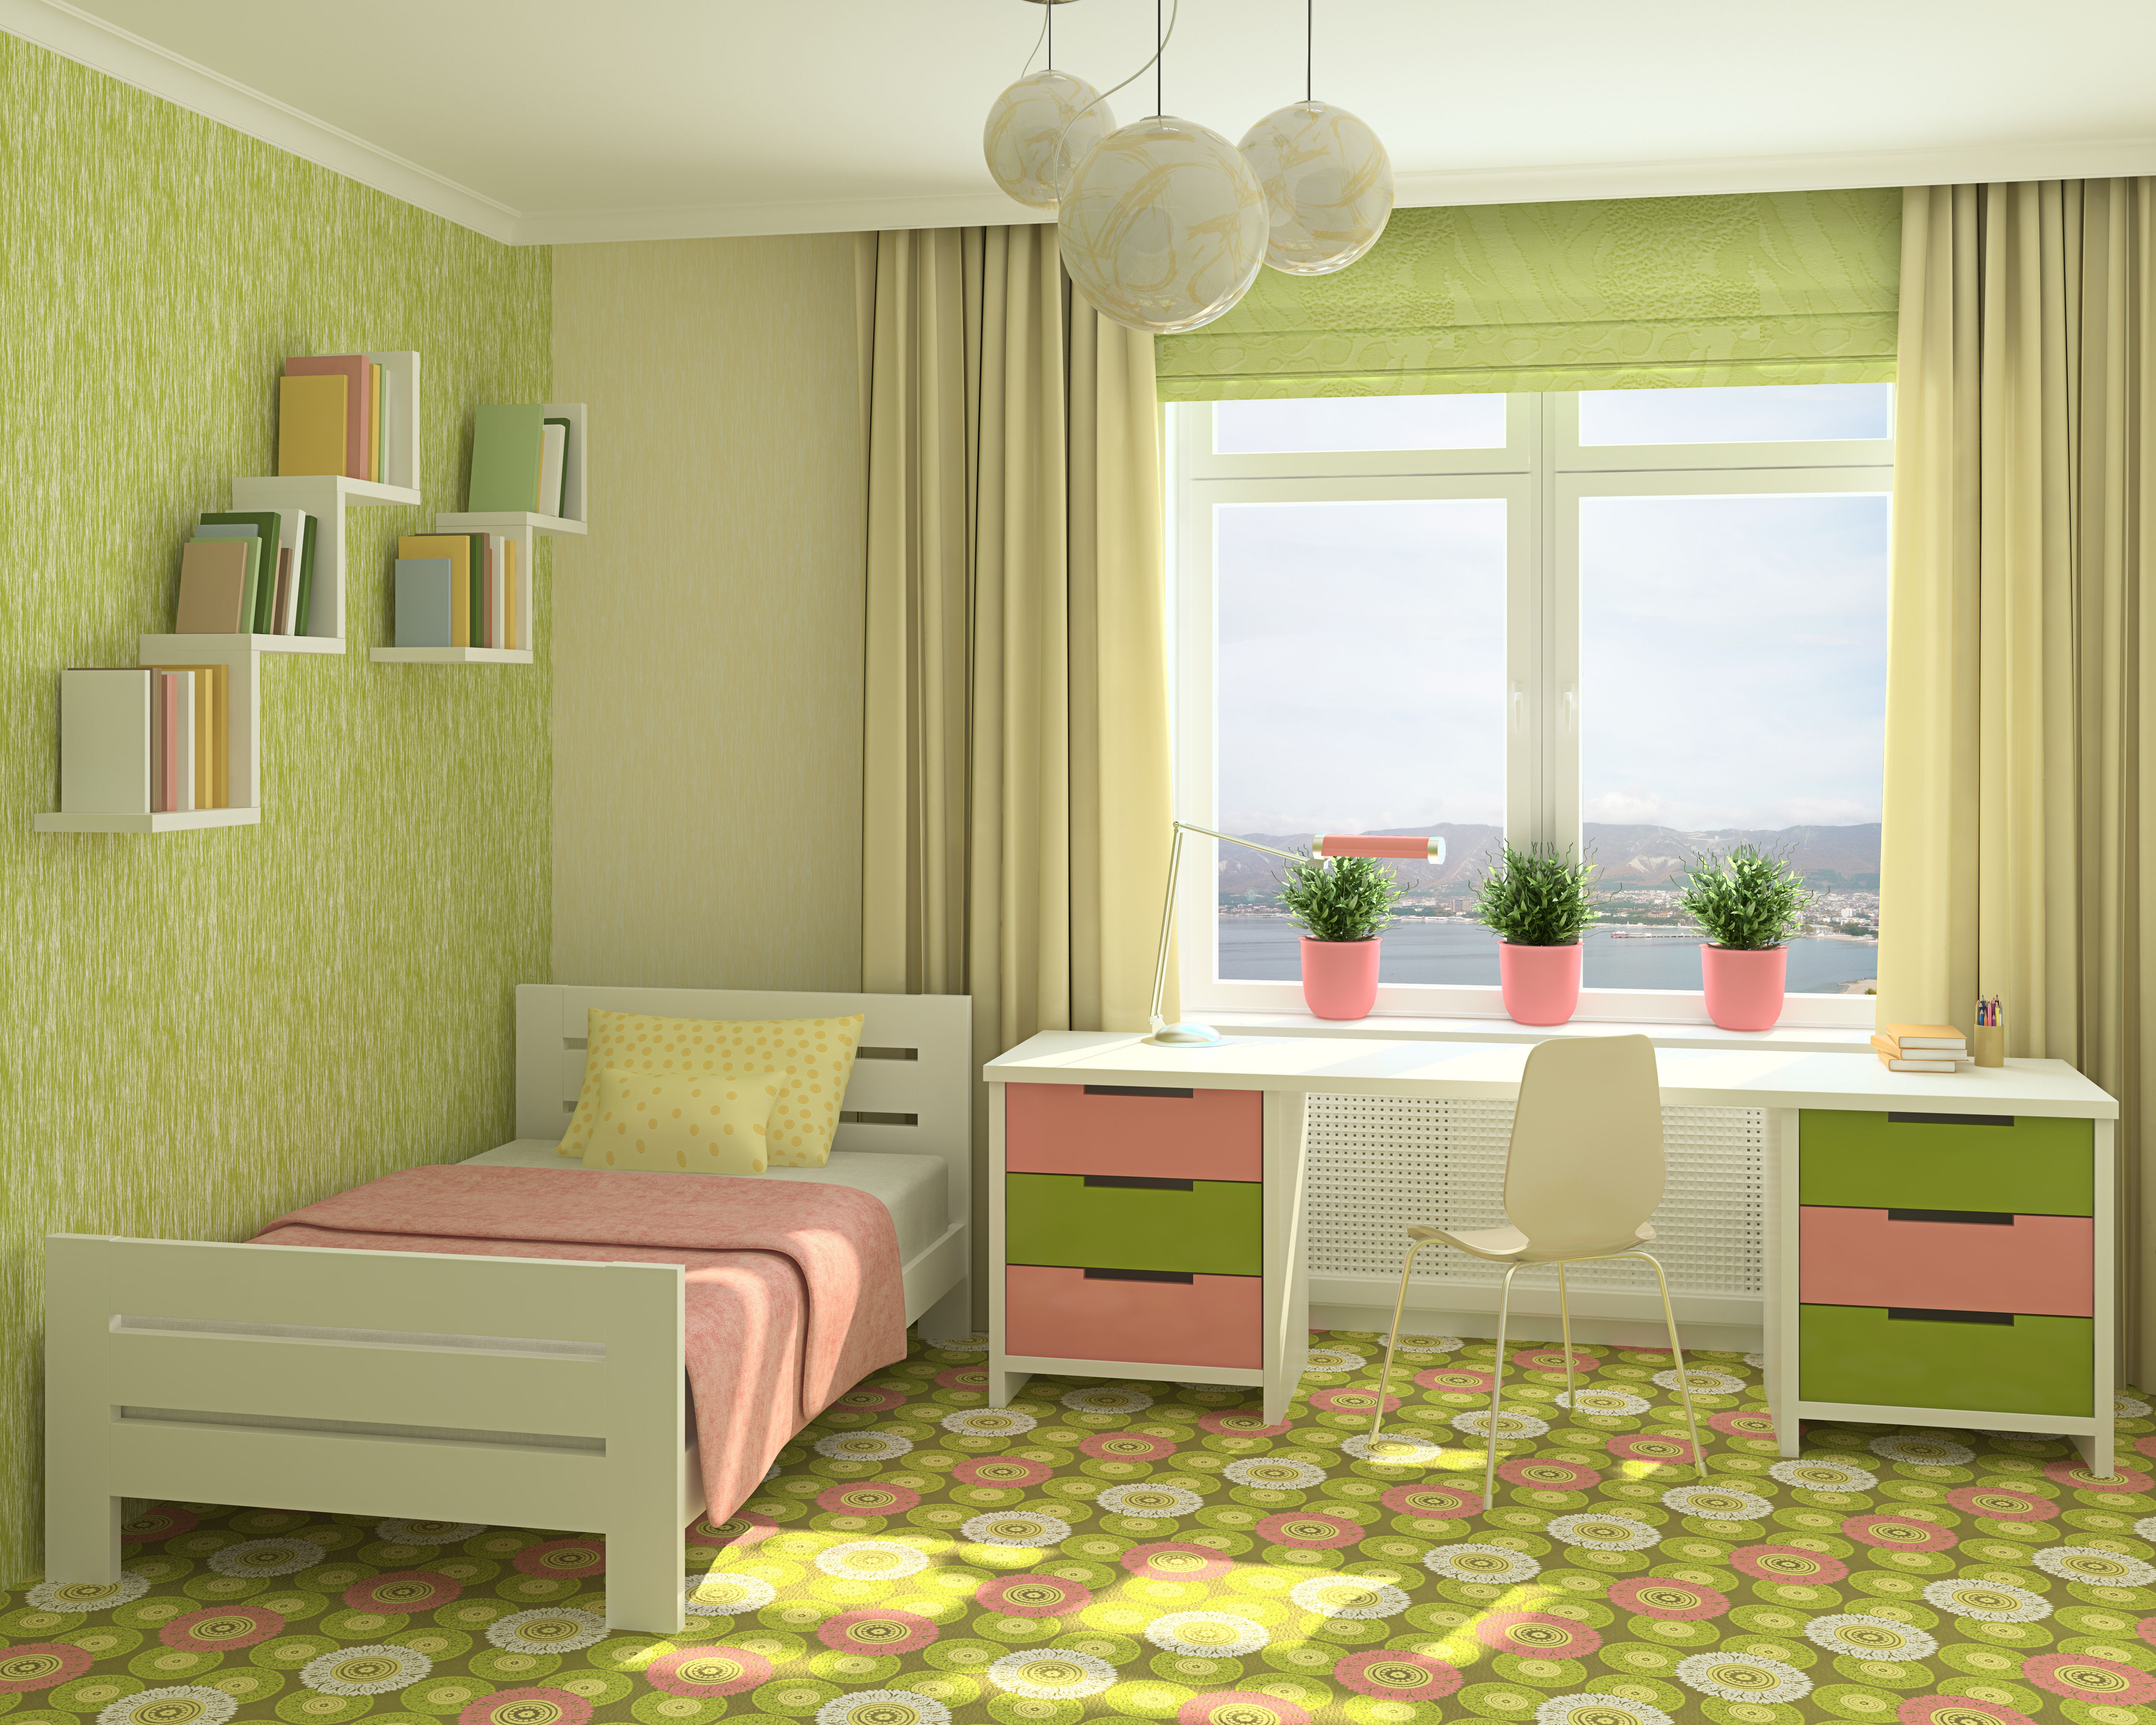 Цвет стен в детской комнате интерьер дома.